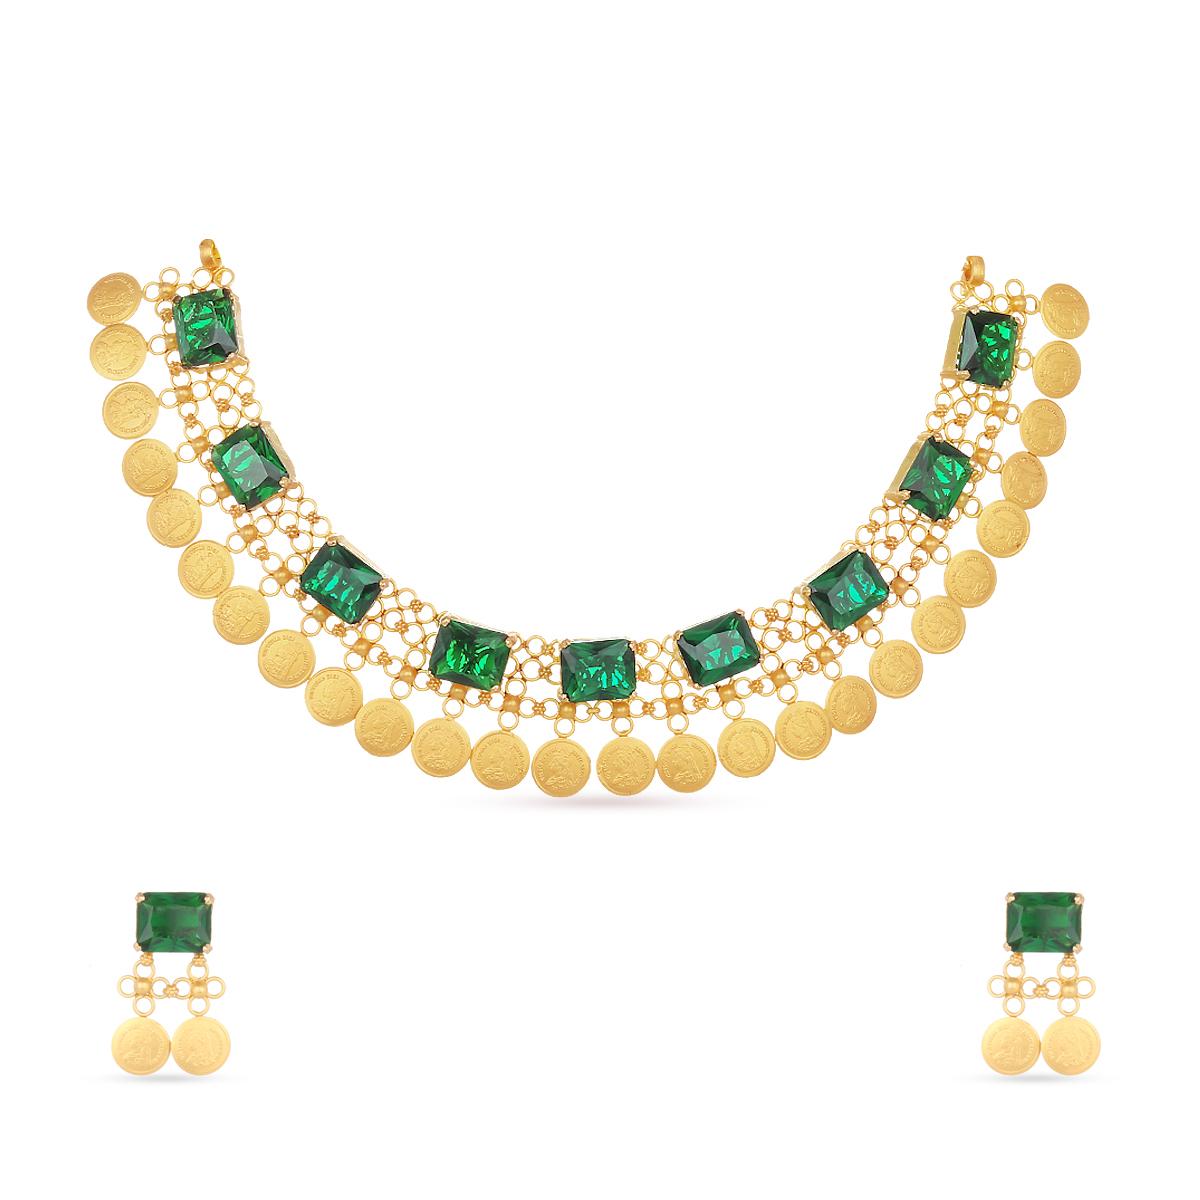 The Padmavat Antique Necklace Set